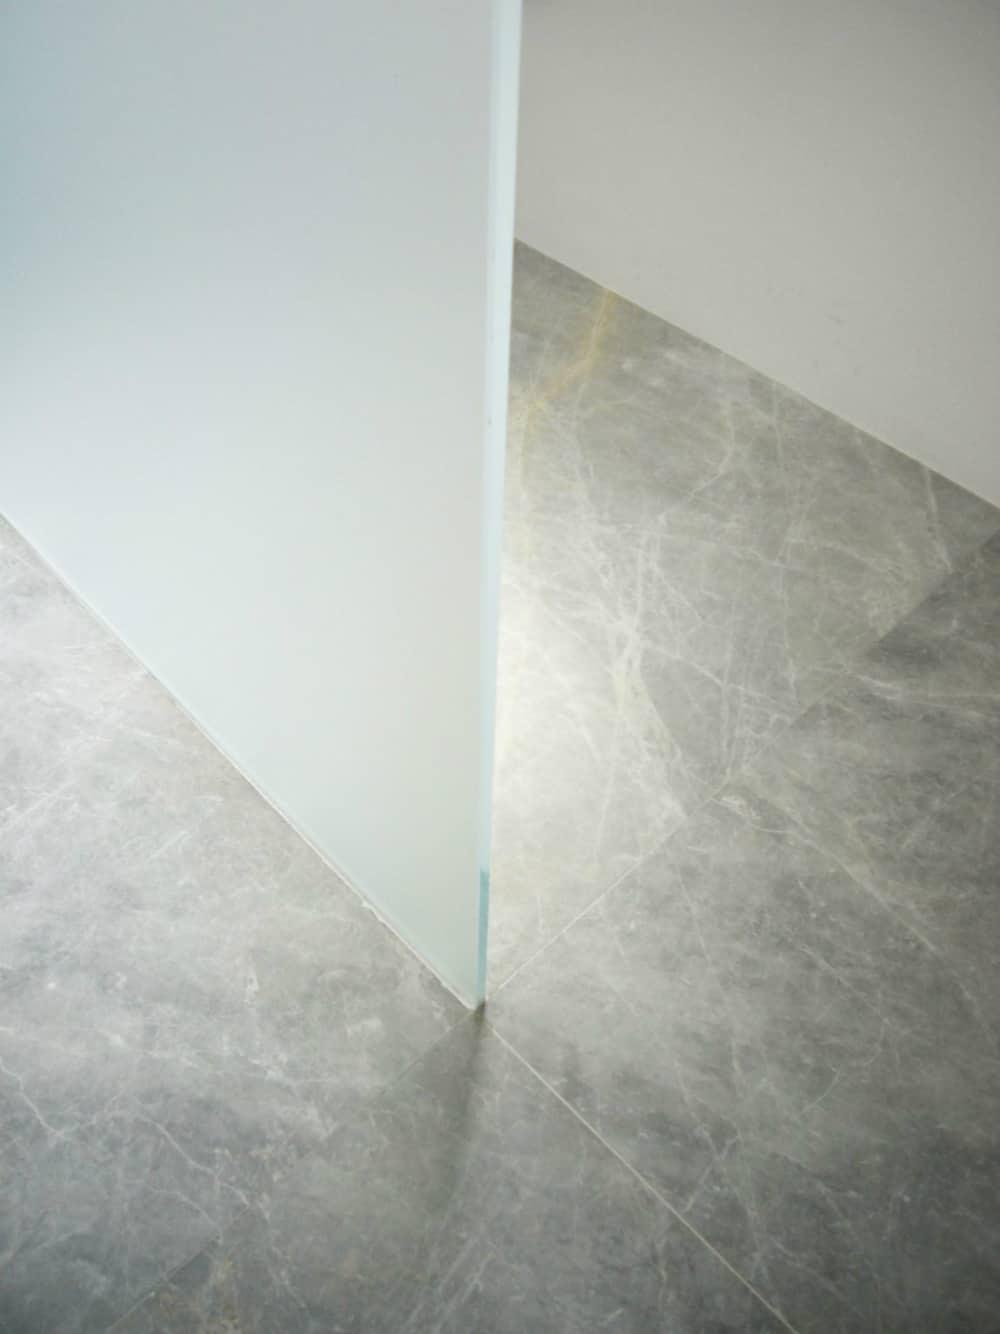 Veiny grey stone floor